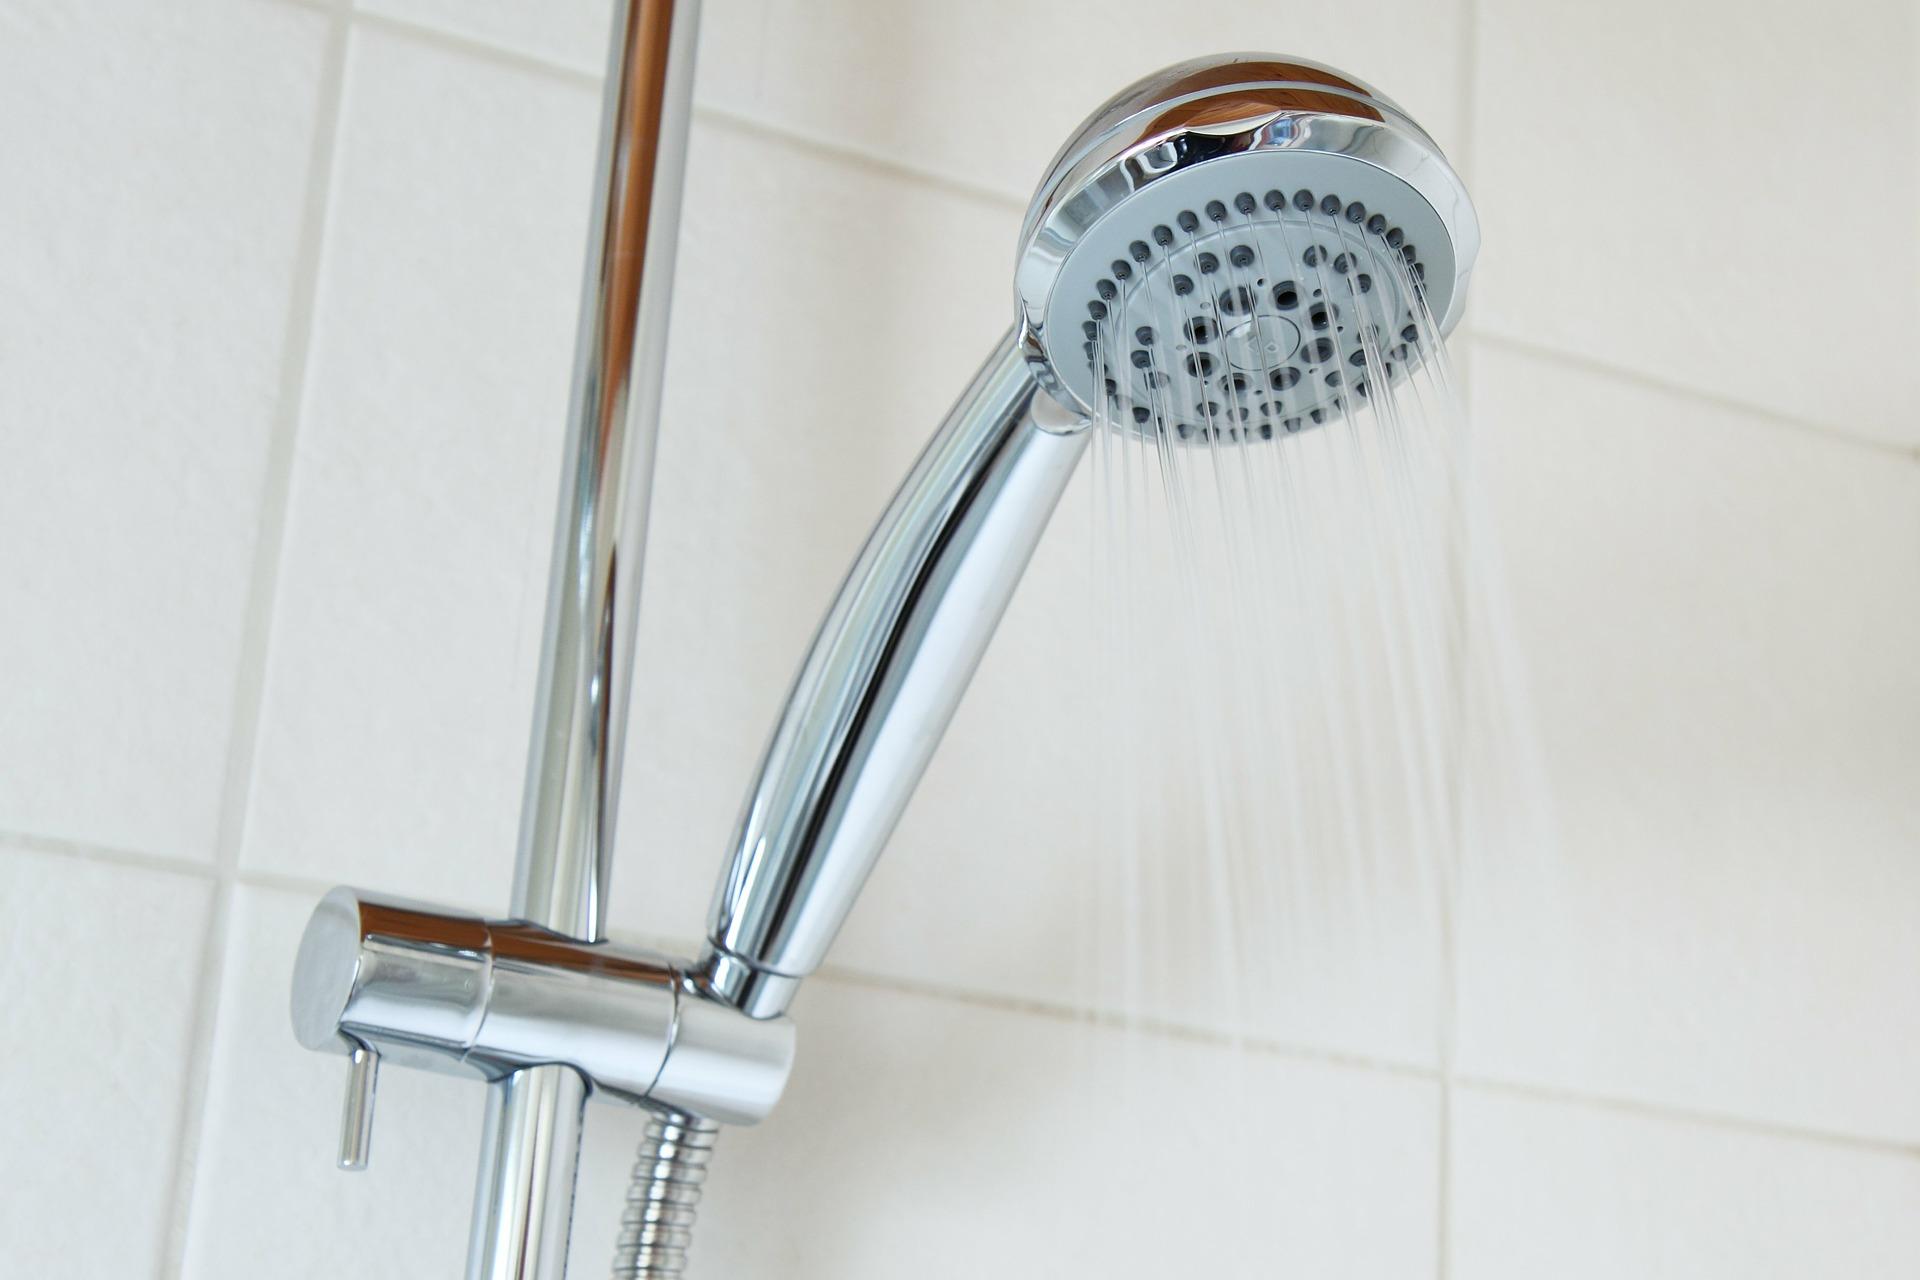 La primera fase de desescalada obligará a la gente a empezar a ducharse, al menos, cada cuatro días